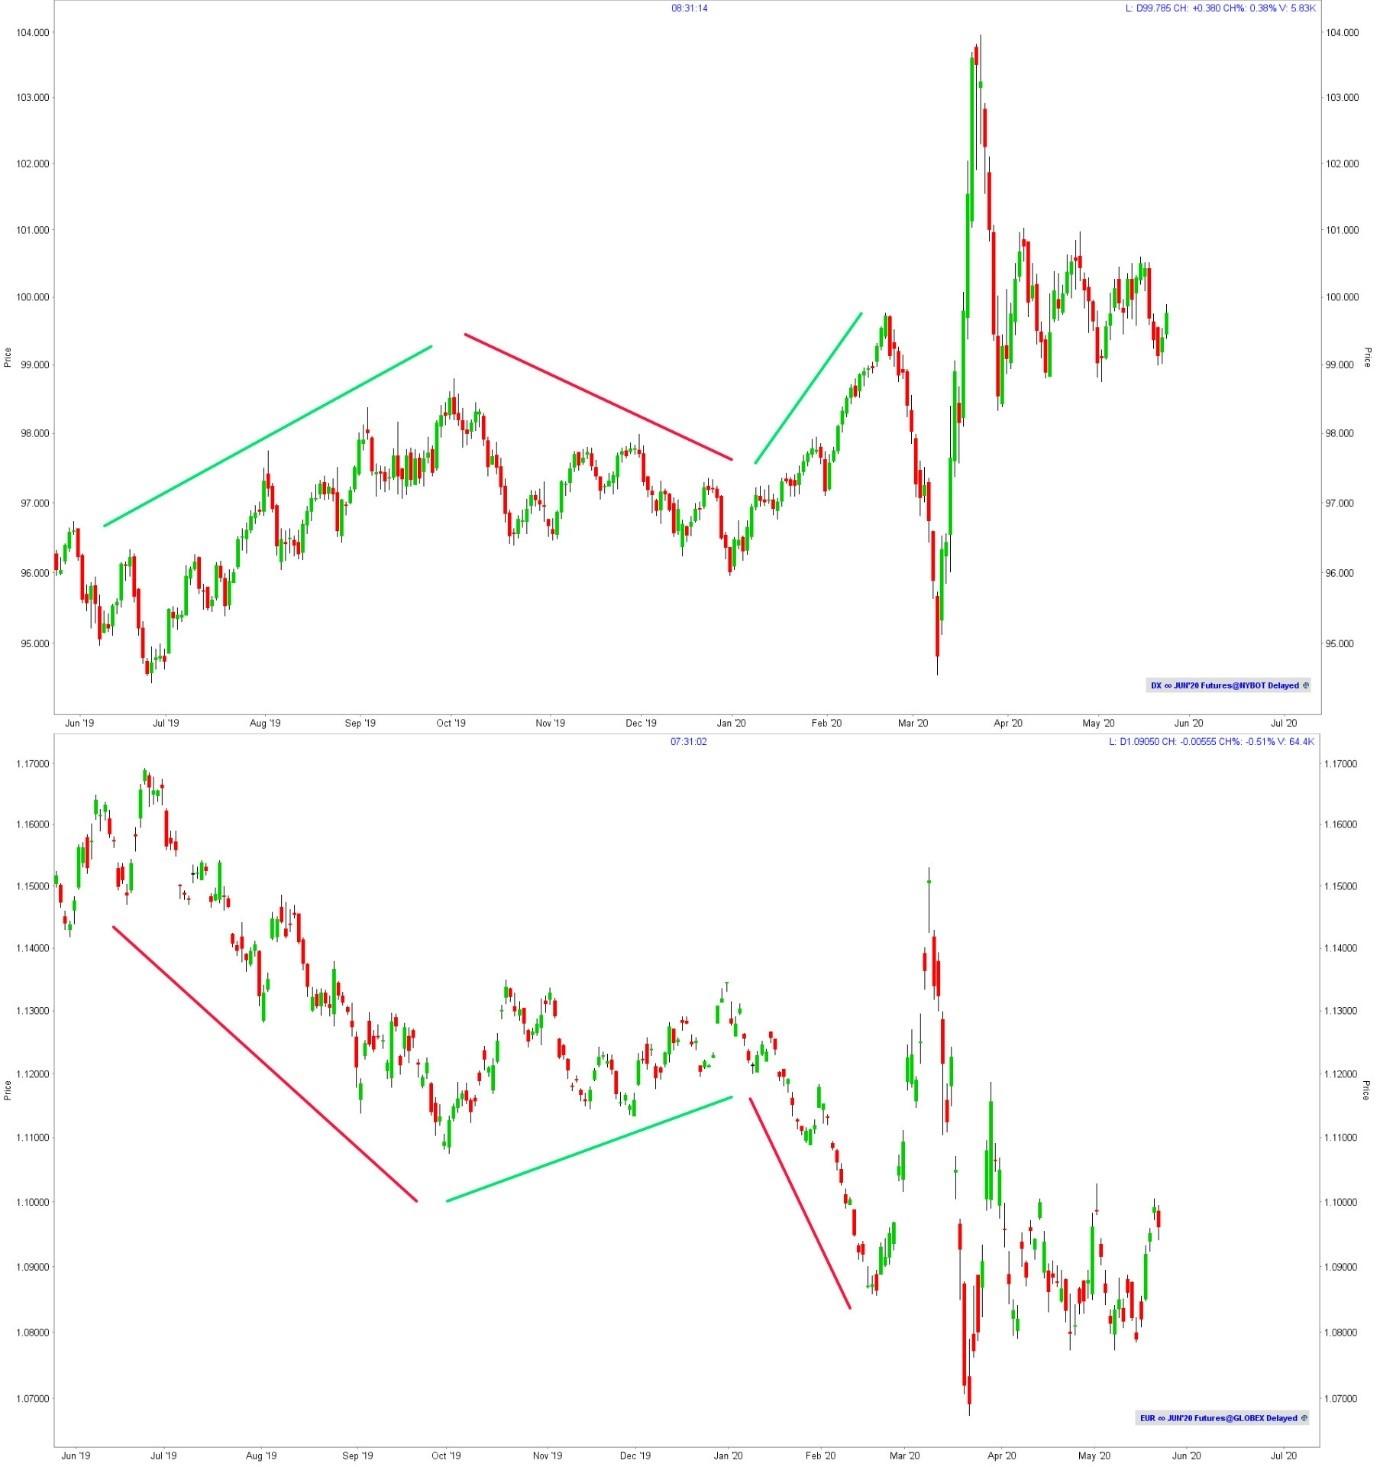 Dollar index future vs. Euro index future